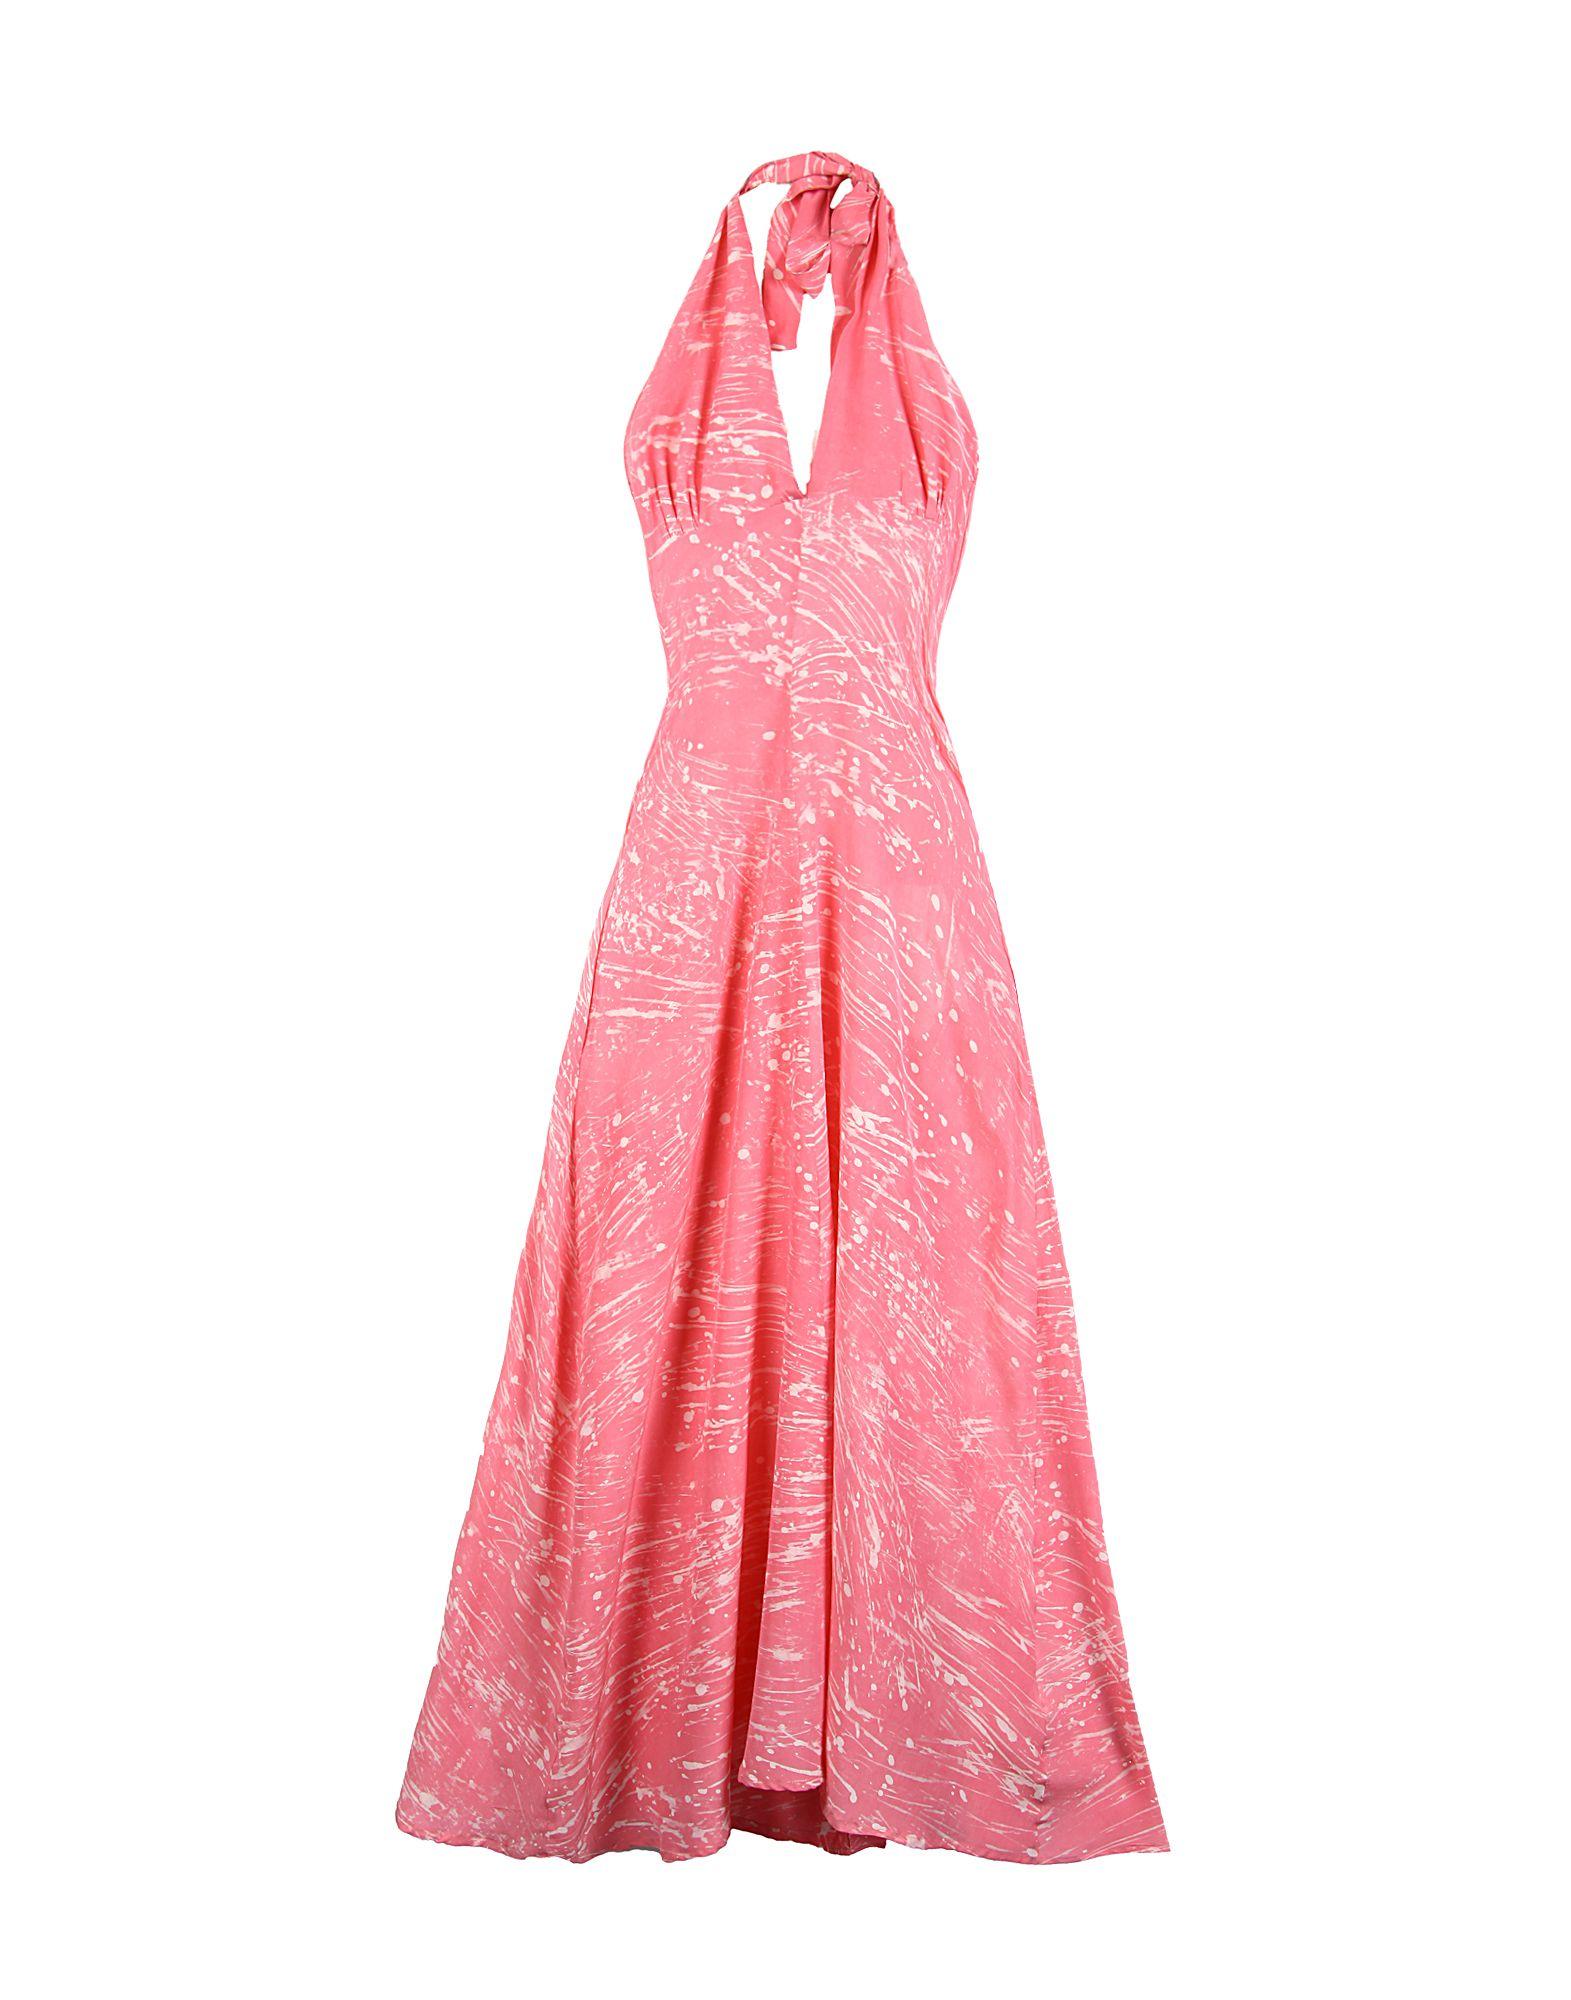 STUDIO 189 Damen Langes Kleid Farbe Fuchsia Größe 4